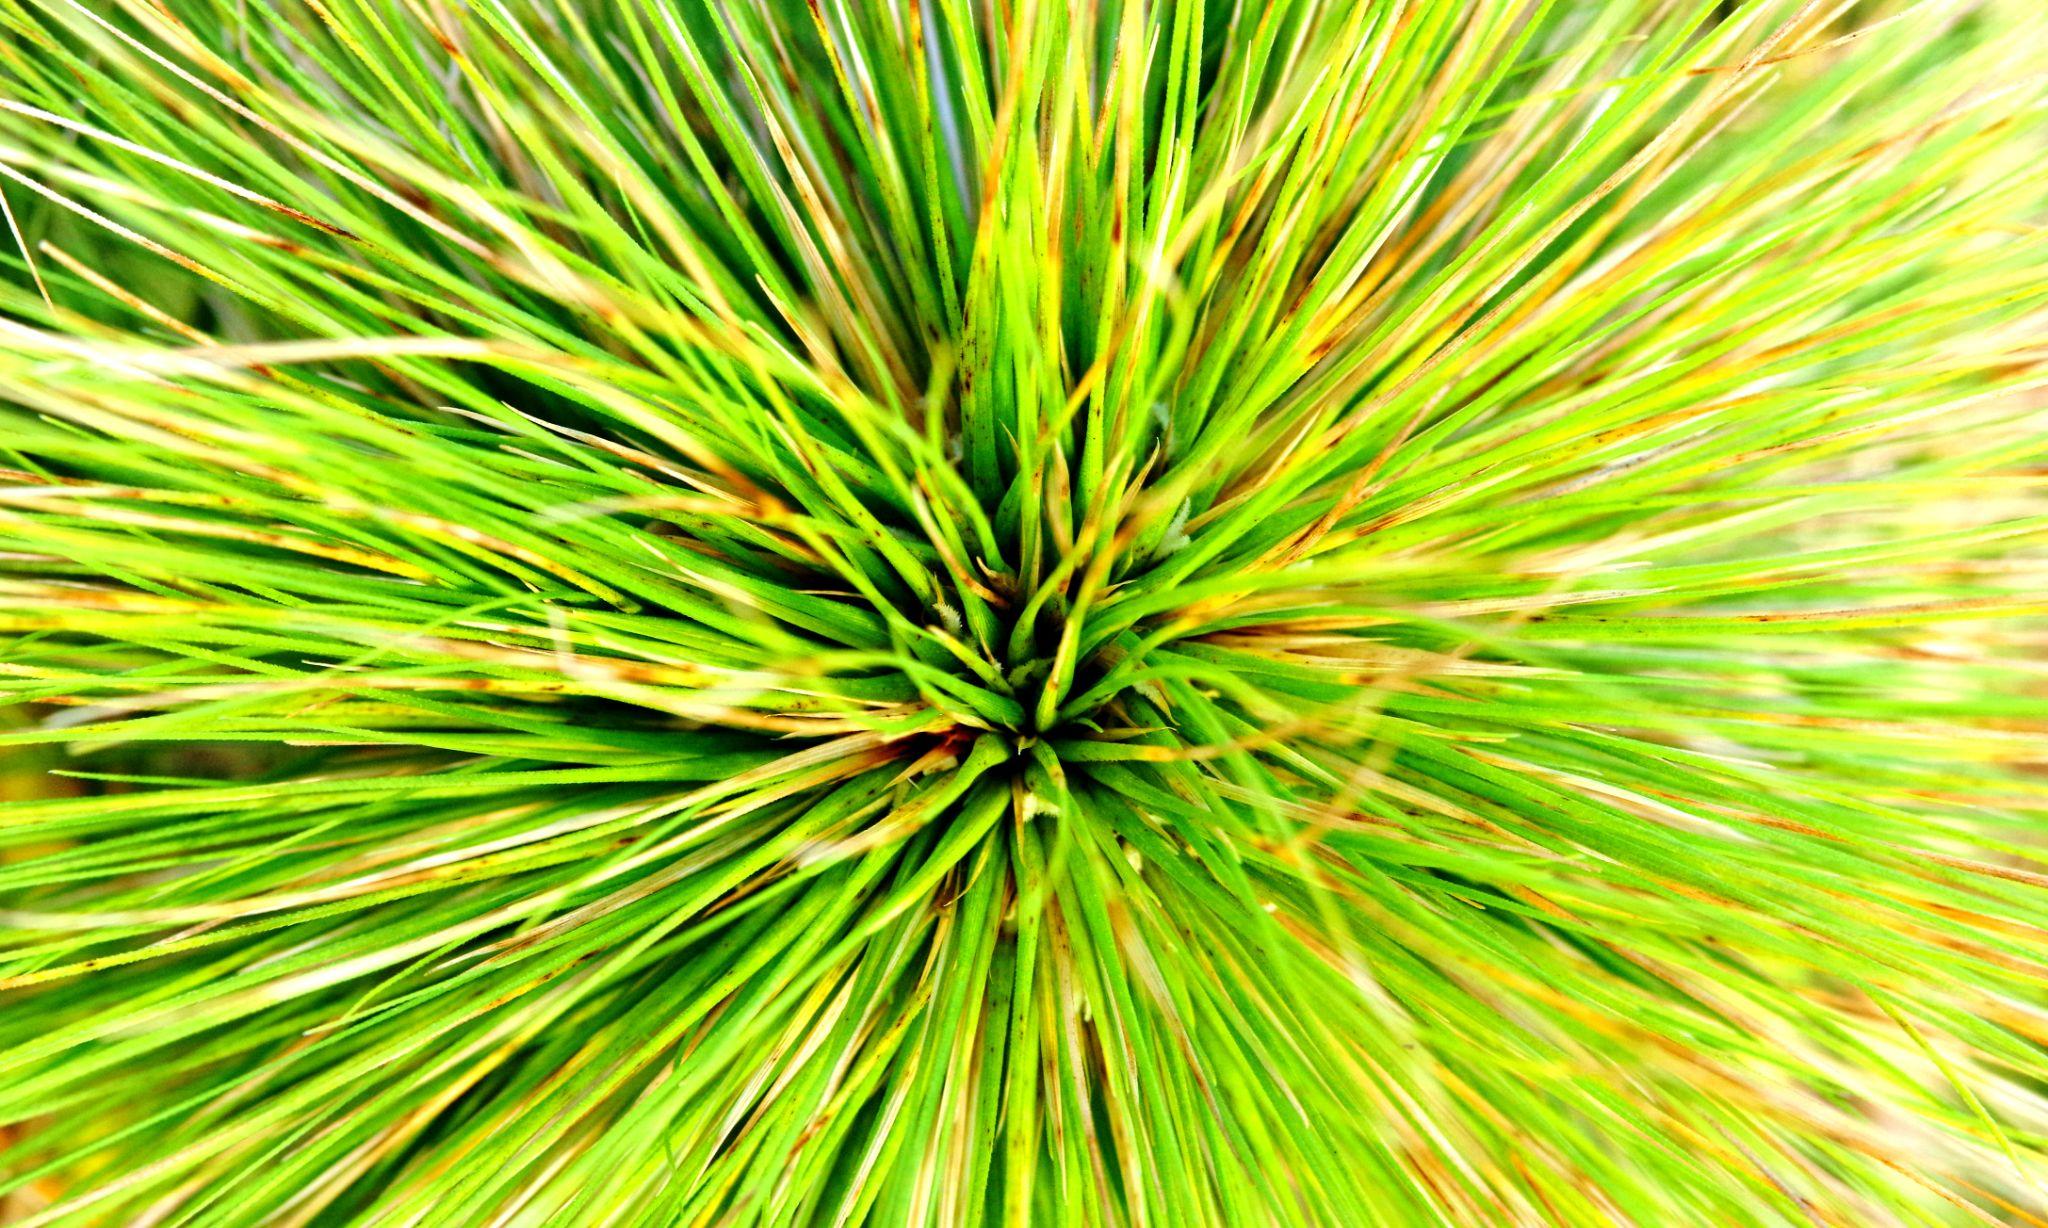 vibrant spikey green by cinzia.sawatzky